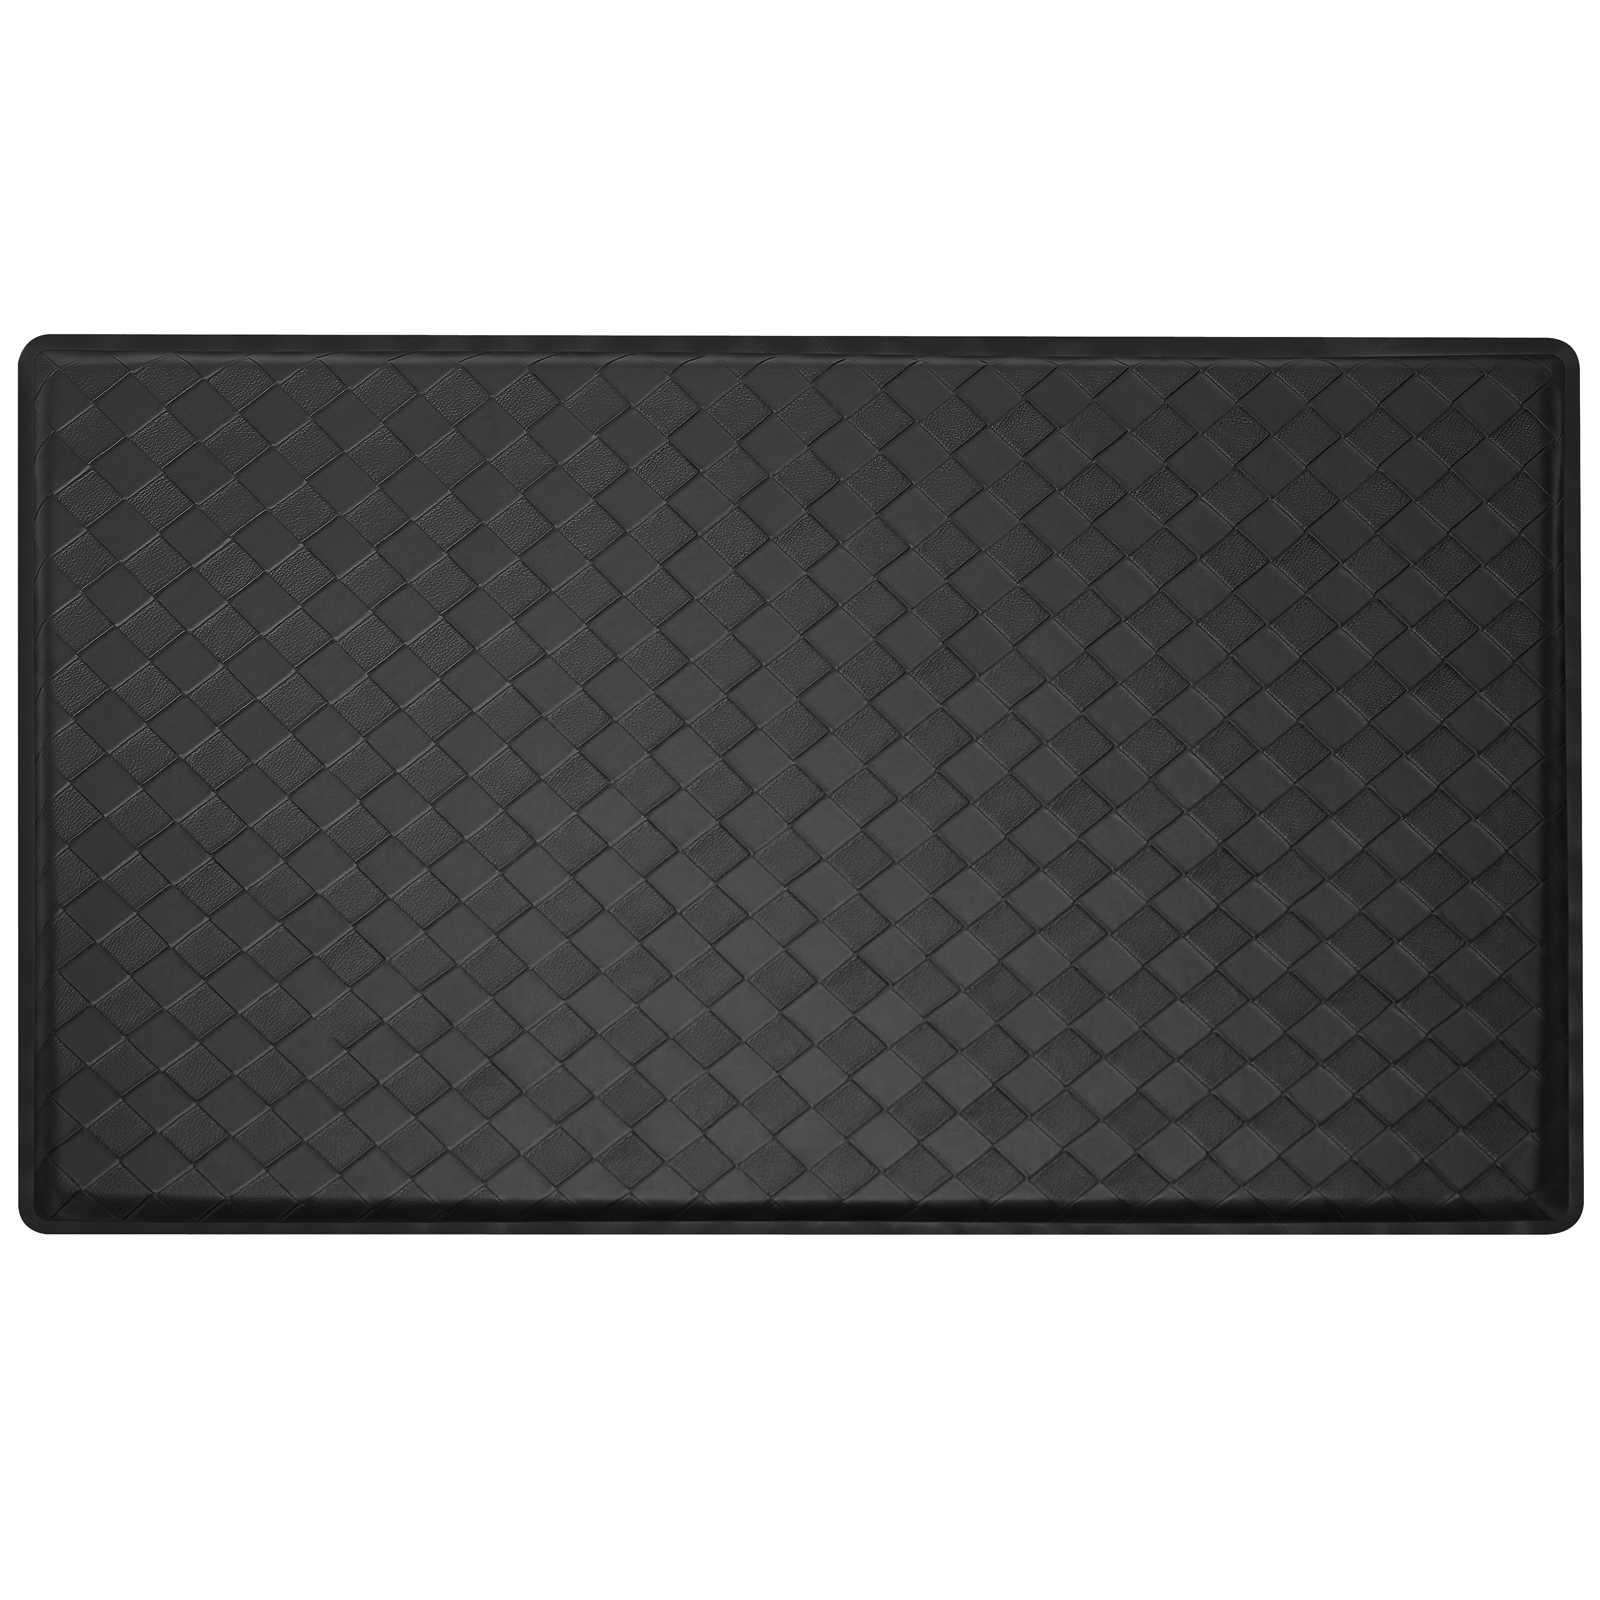 2 x 3 modern anti fatigue kitchen floor mat rug basket